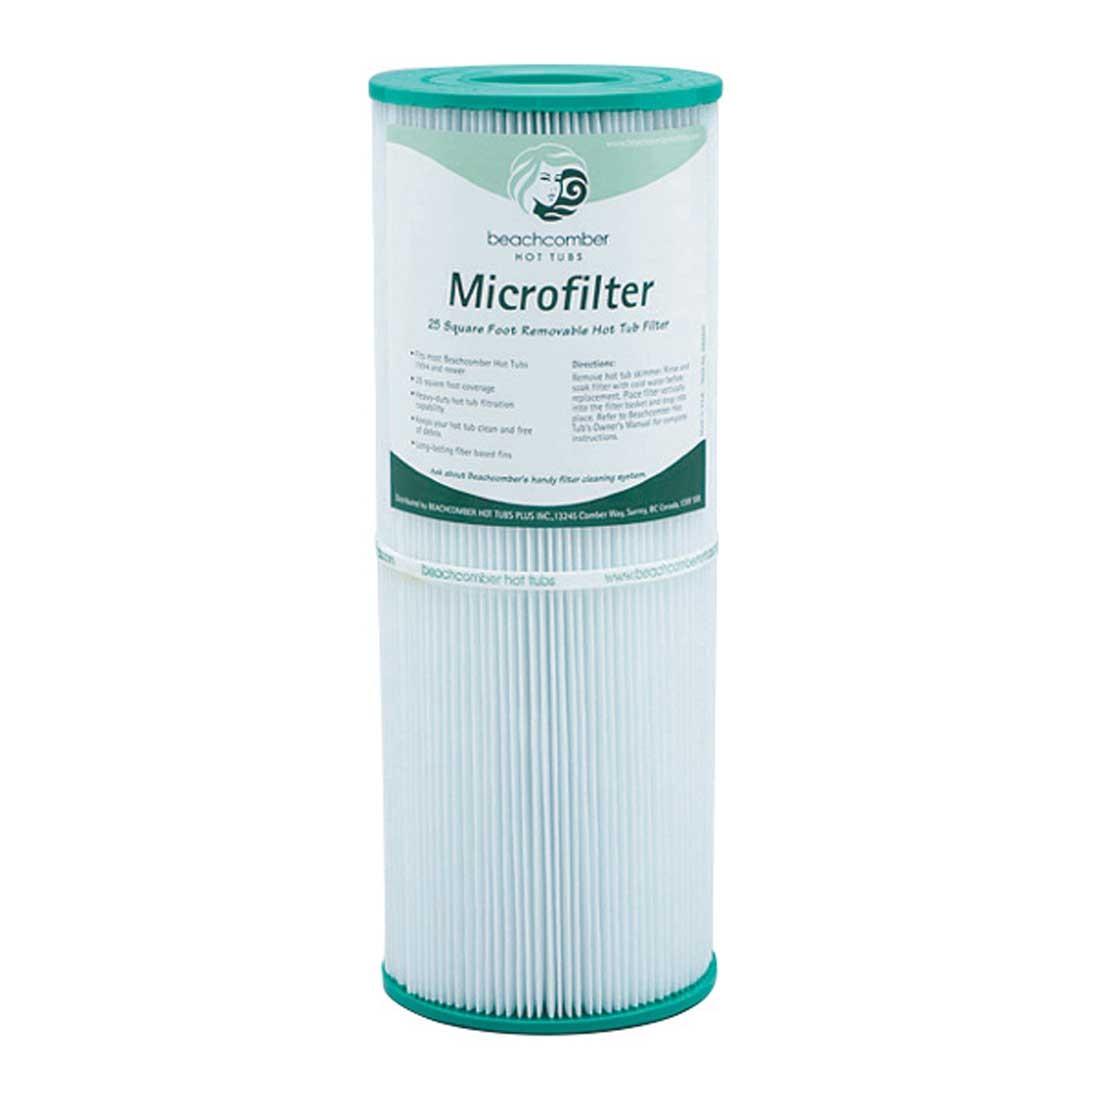 Beachcomber Hot Tubs Beachcomber spa filter voor Beachcomber Hot Tub, afm. 25SqFt